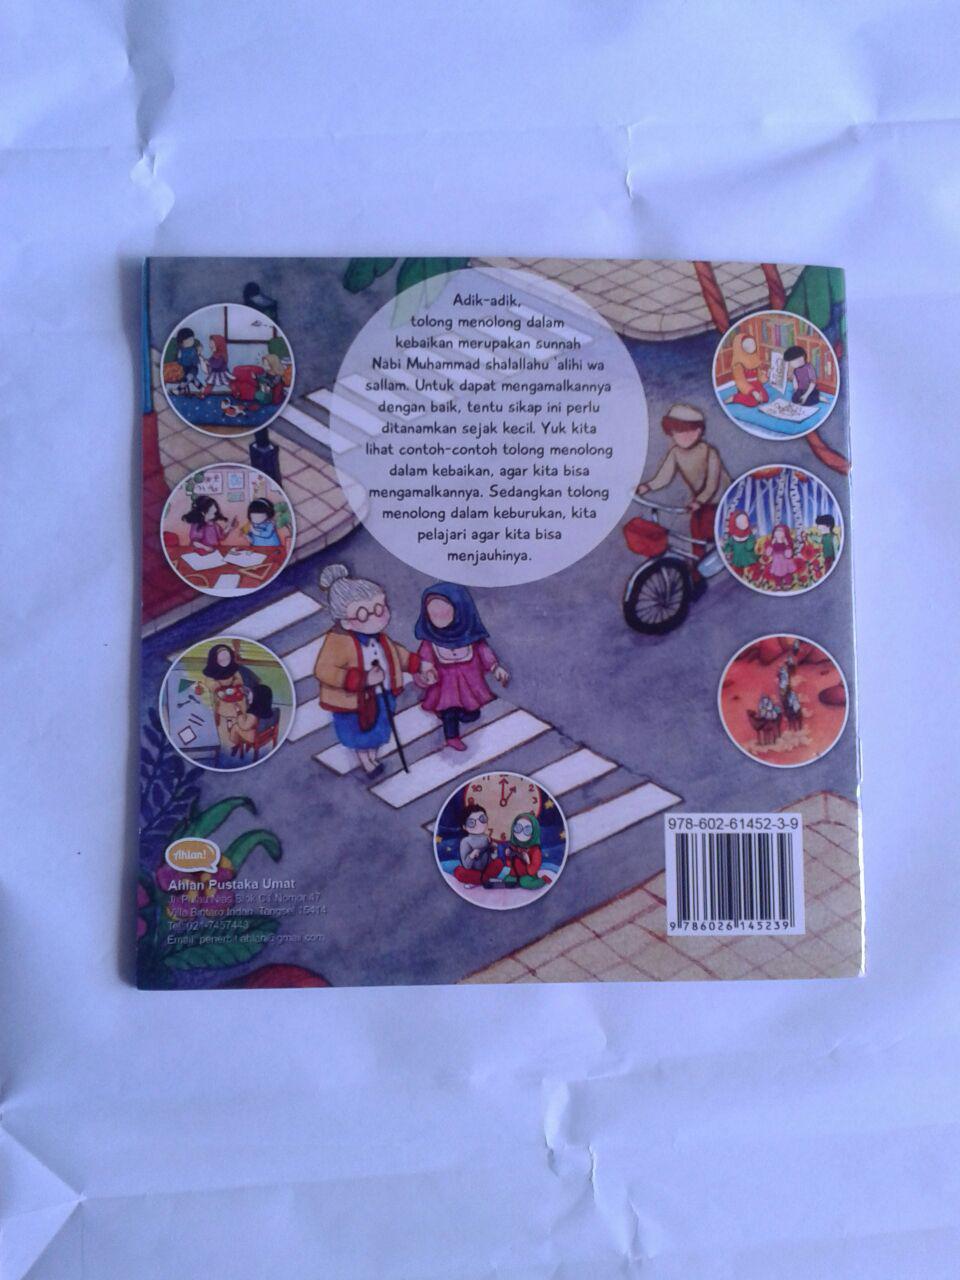 Buku Anak Tolong Menolong Dalam Kebaikan cover